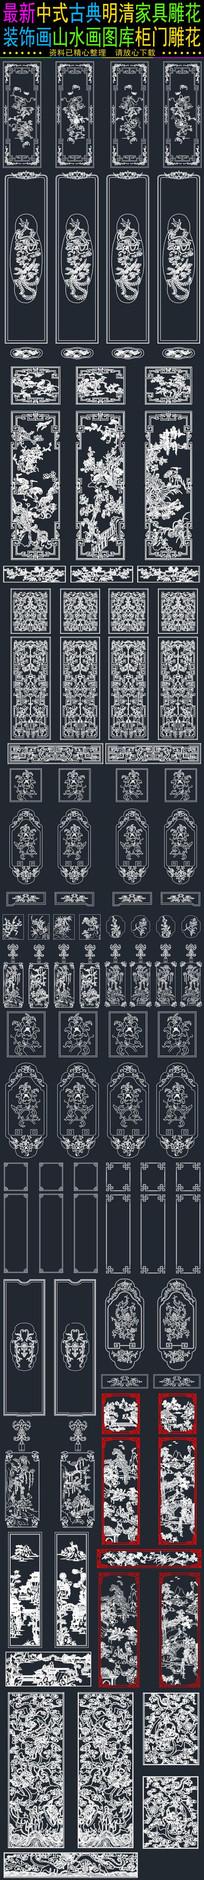 中式古典明清家具雕花